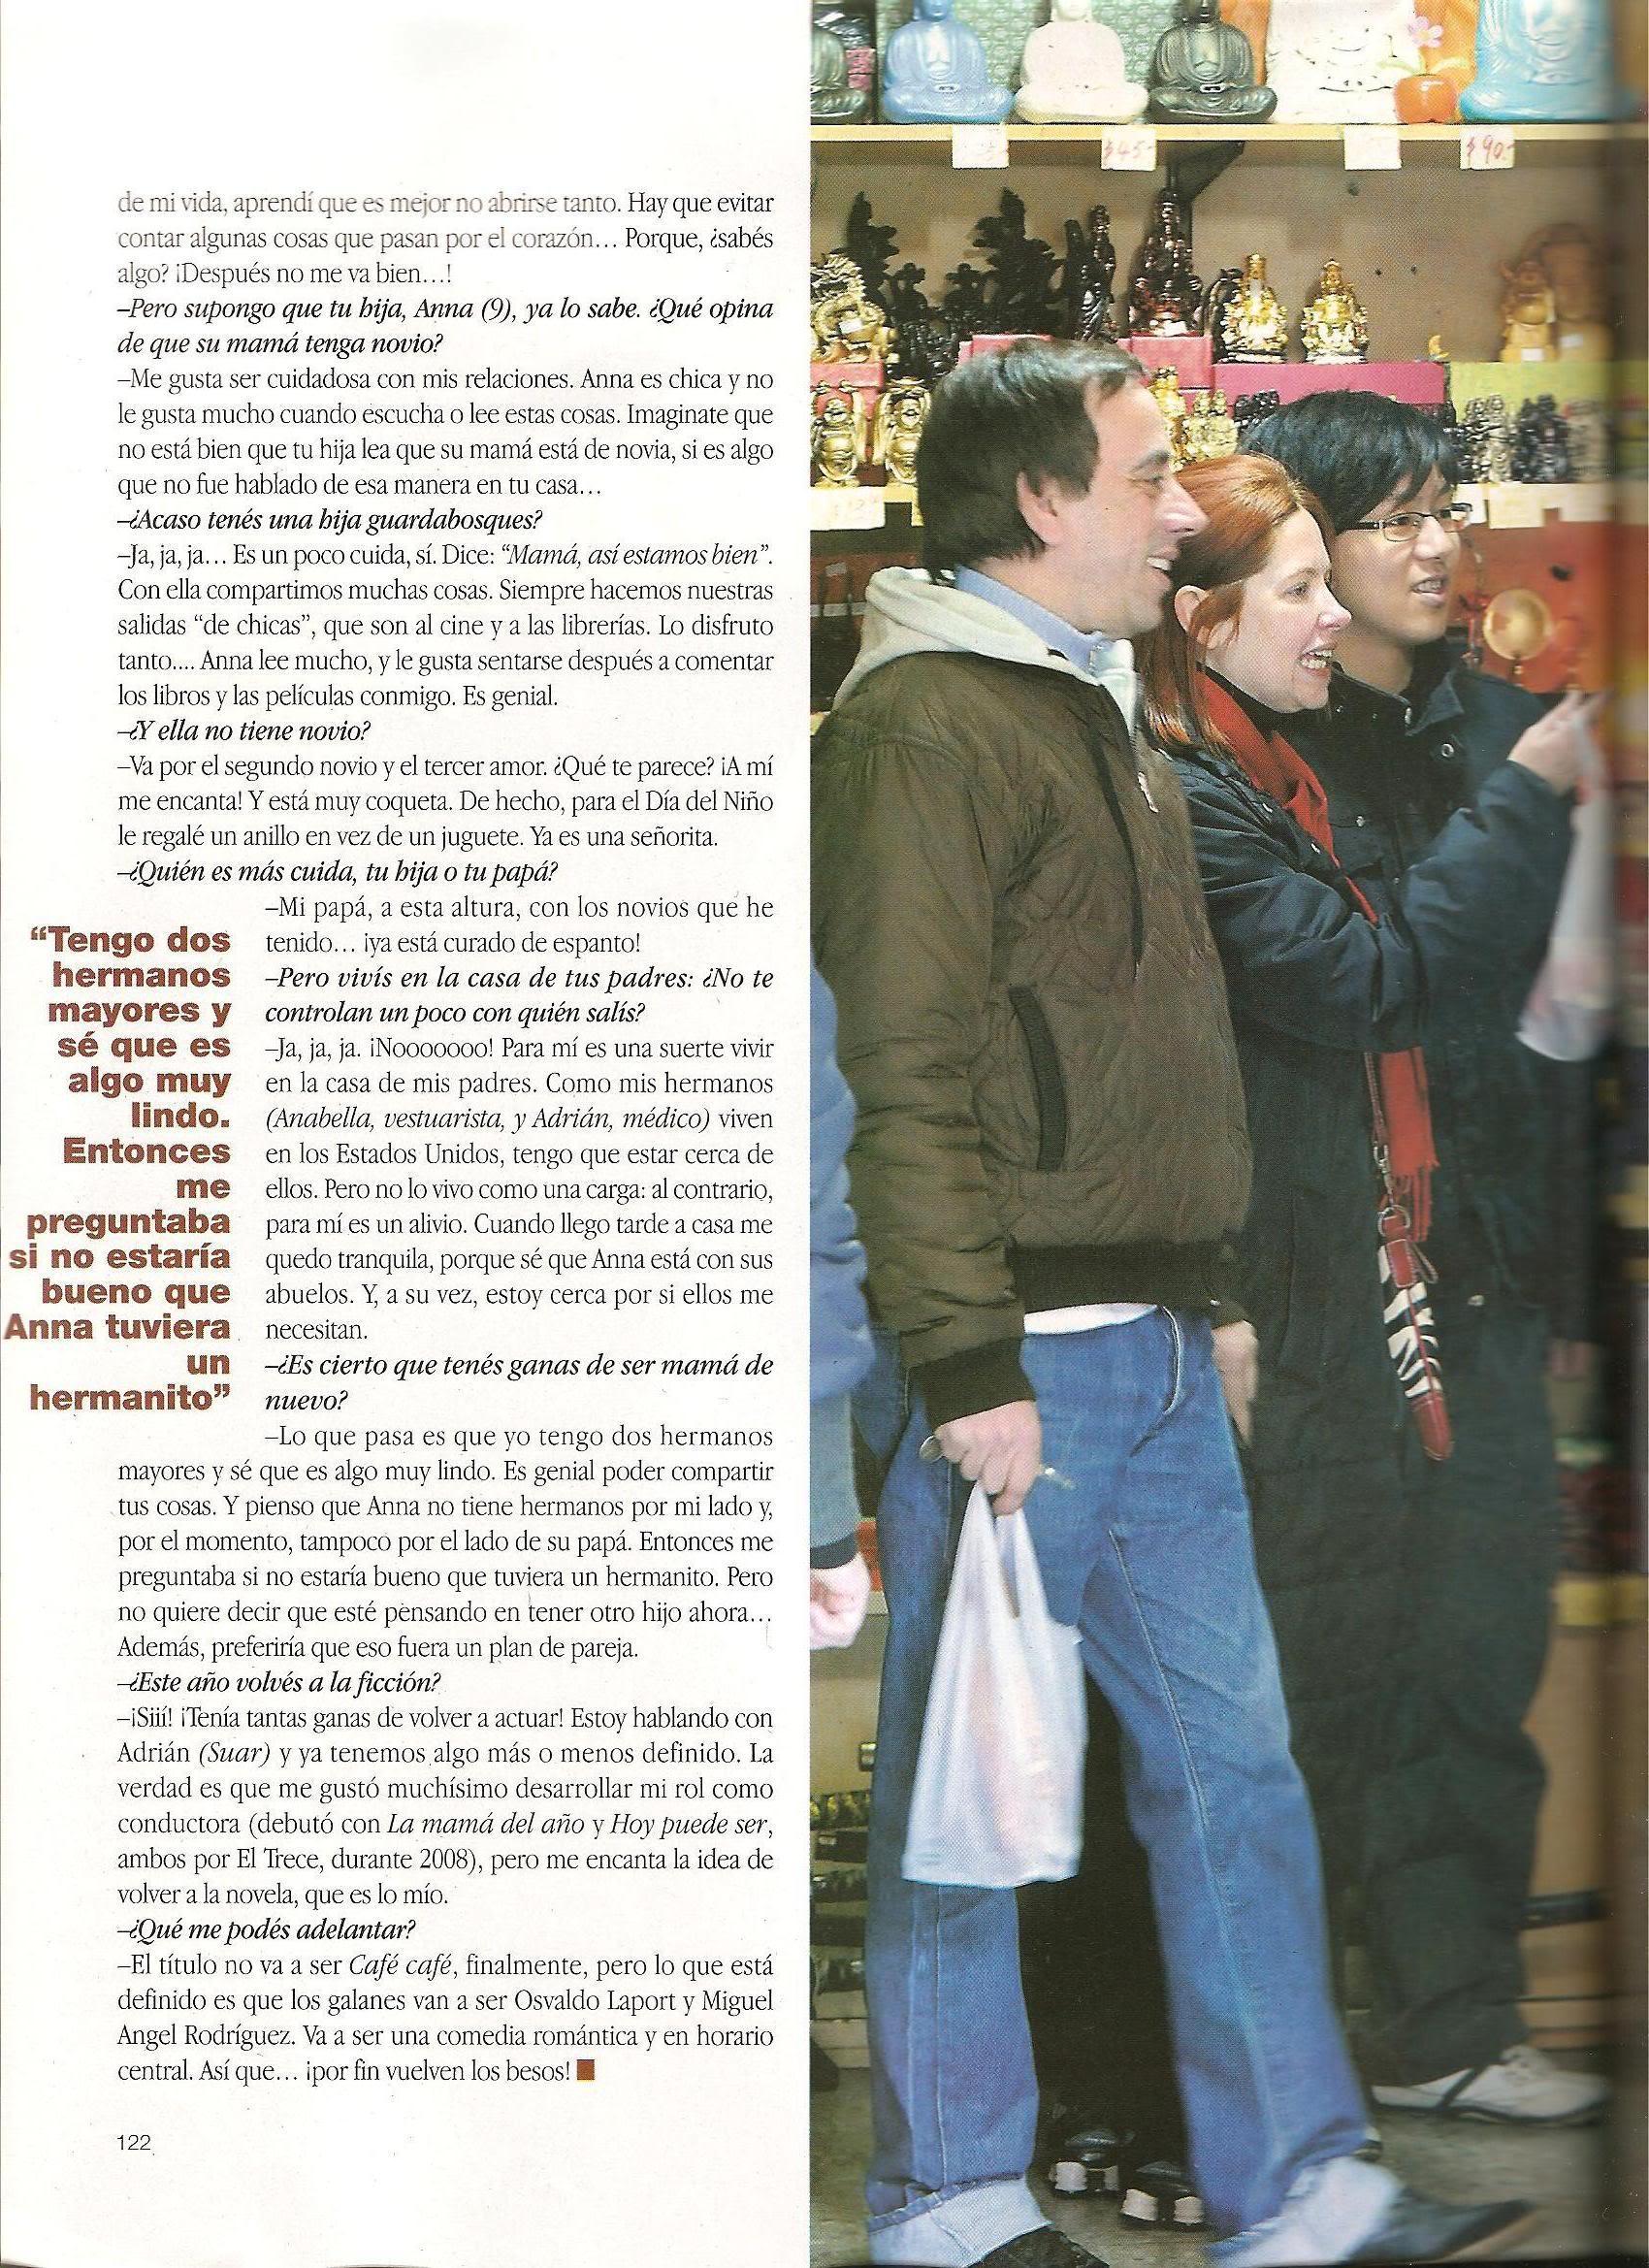 Andrea en revistas (agosto 2009) Imagen010